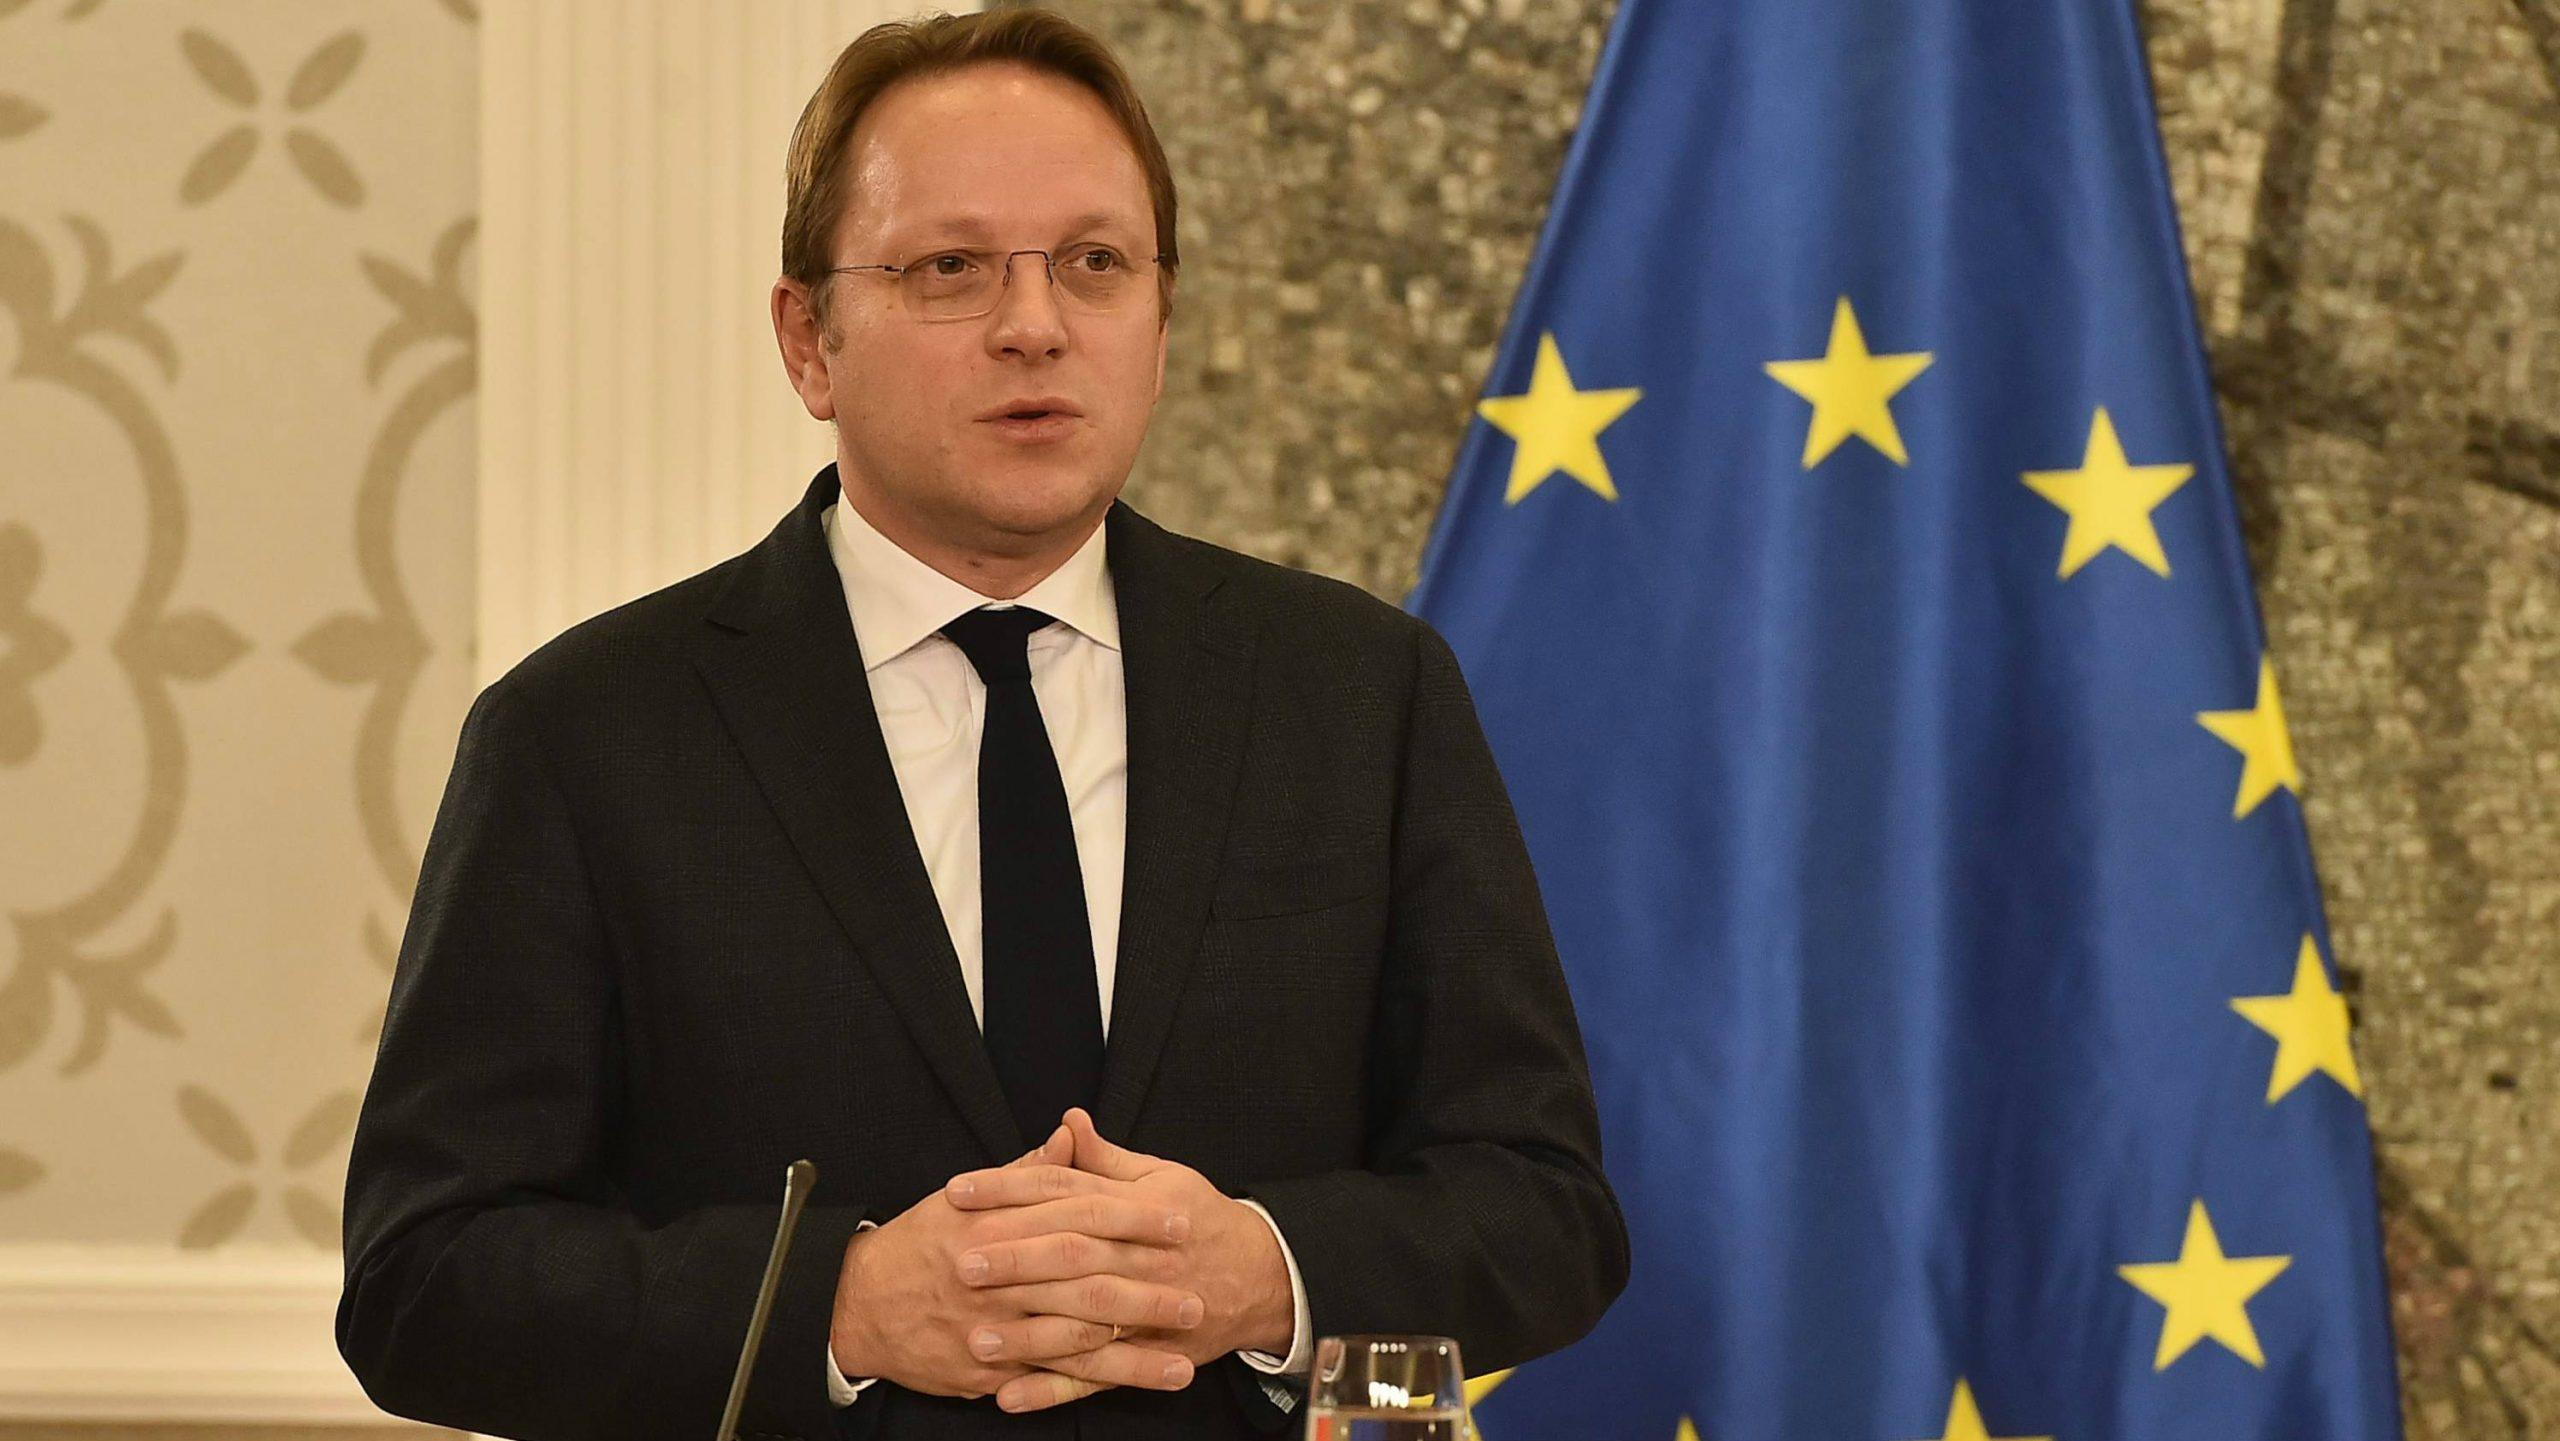 Varheji: EU će učiniti sve što može da ubrza pregovore o članstvu sa Crnom Gorom 1